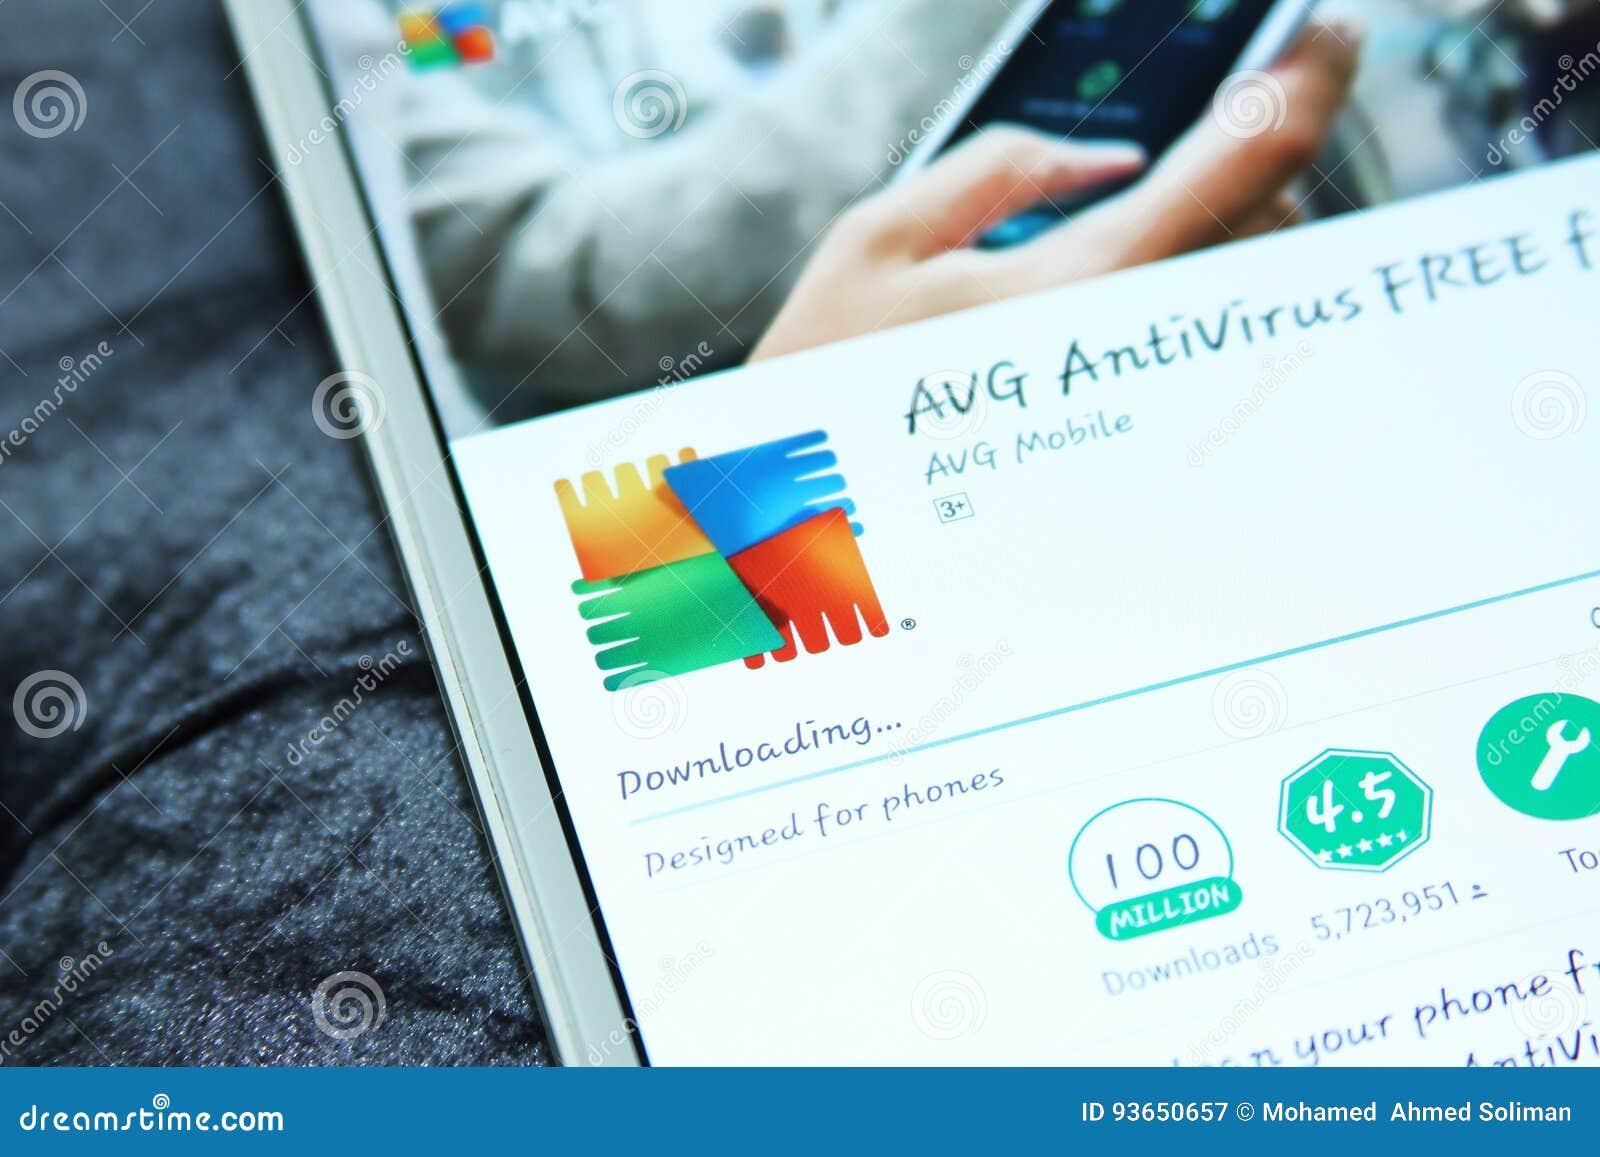 free avg antivirus download for tablet